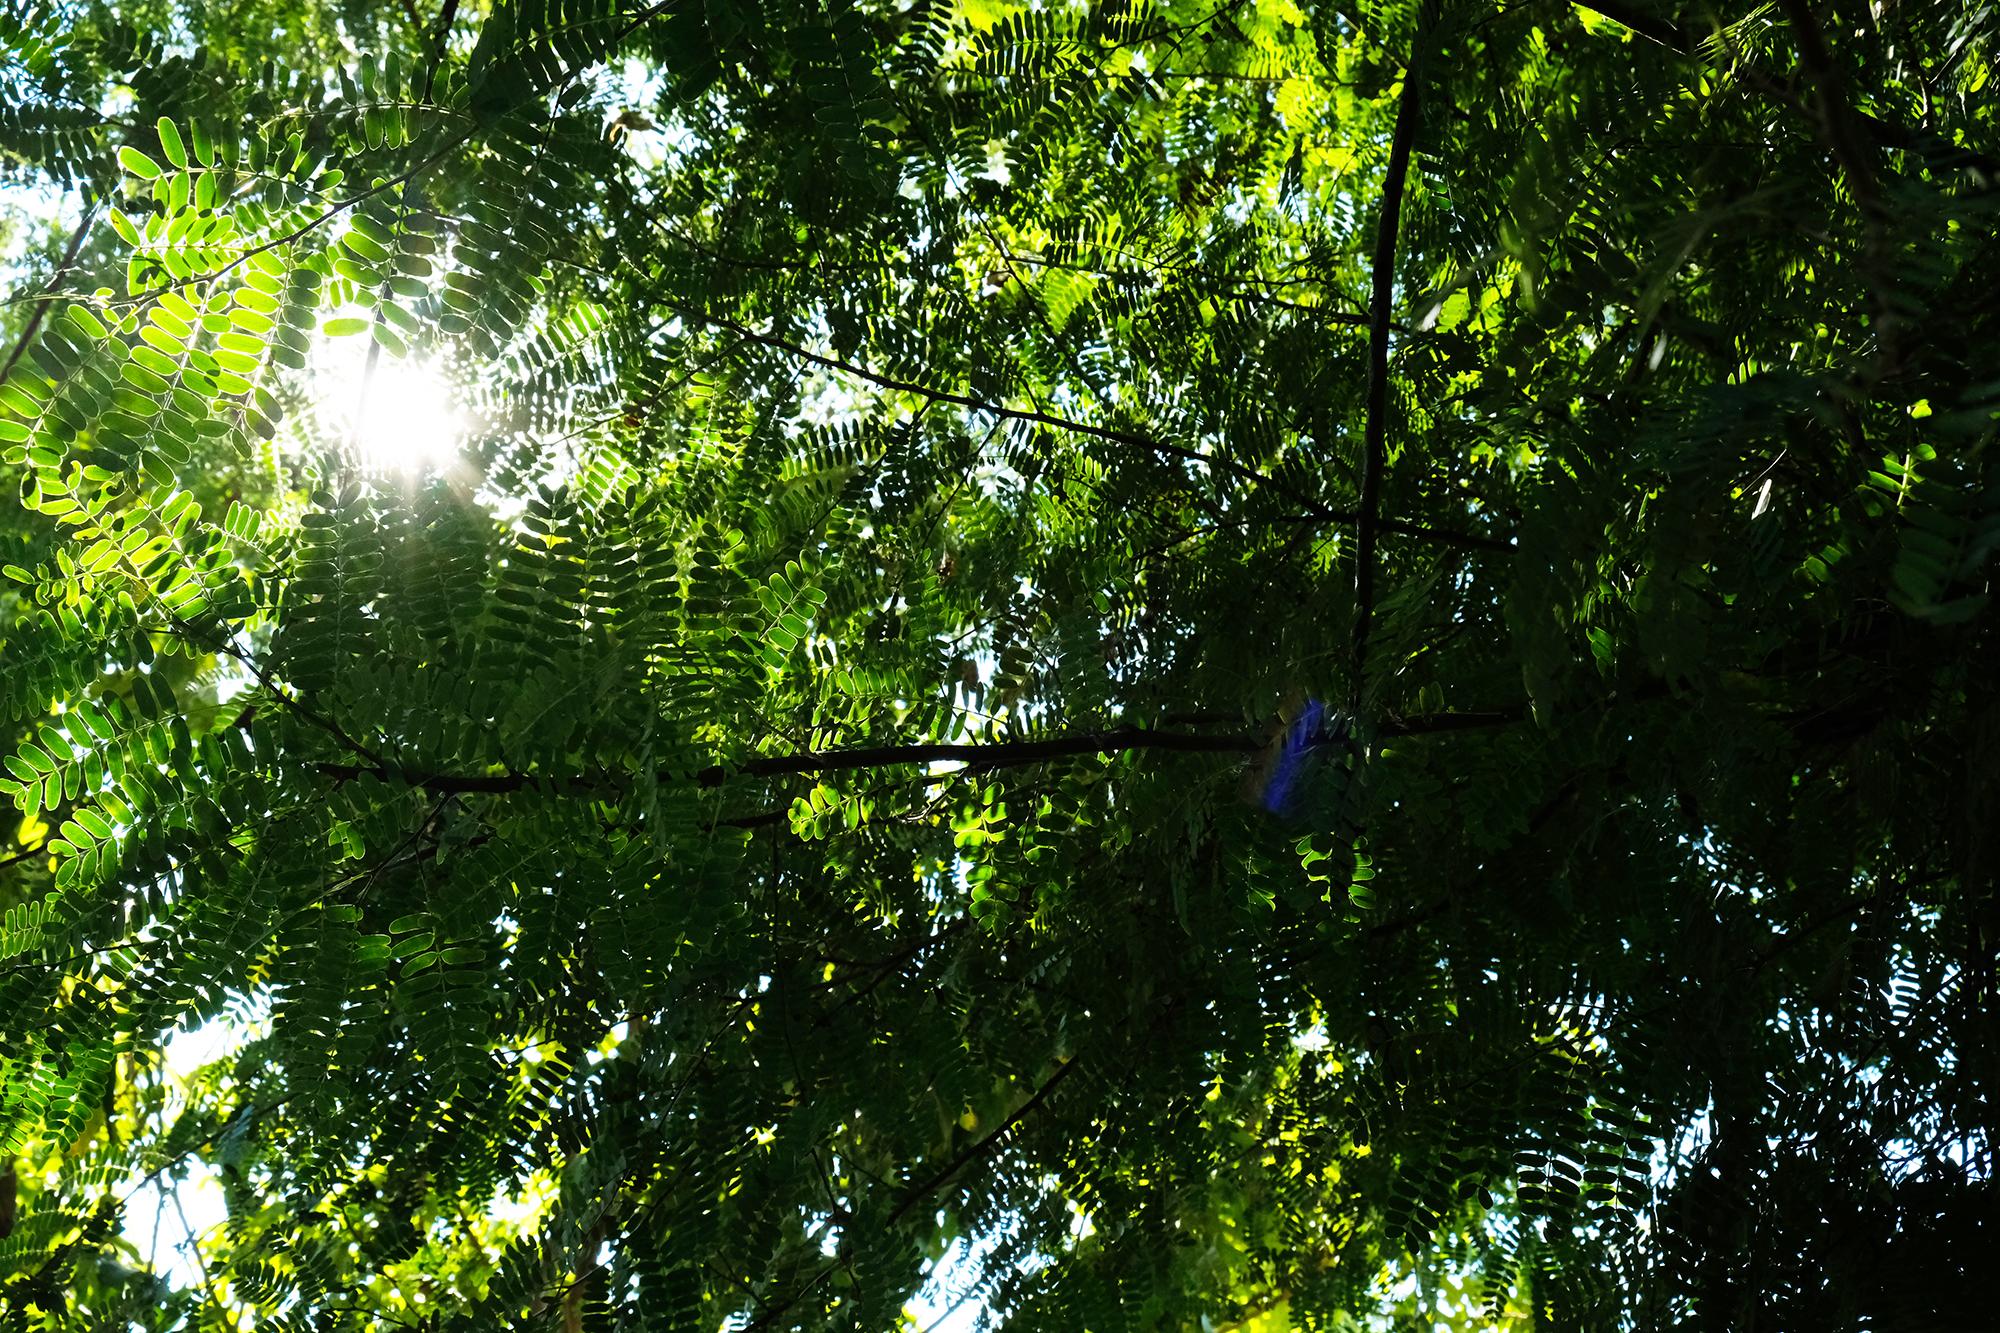 スピリチュアルあまら タイの風景タマリンド